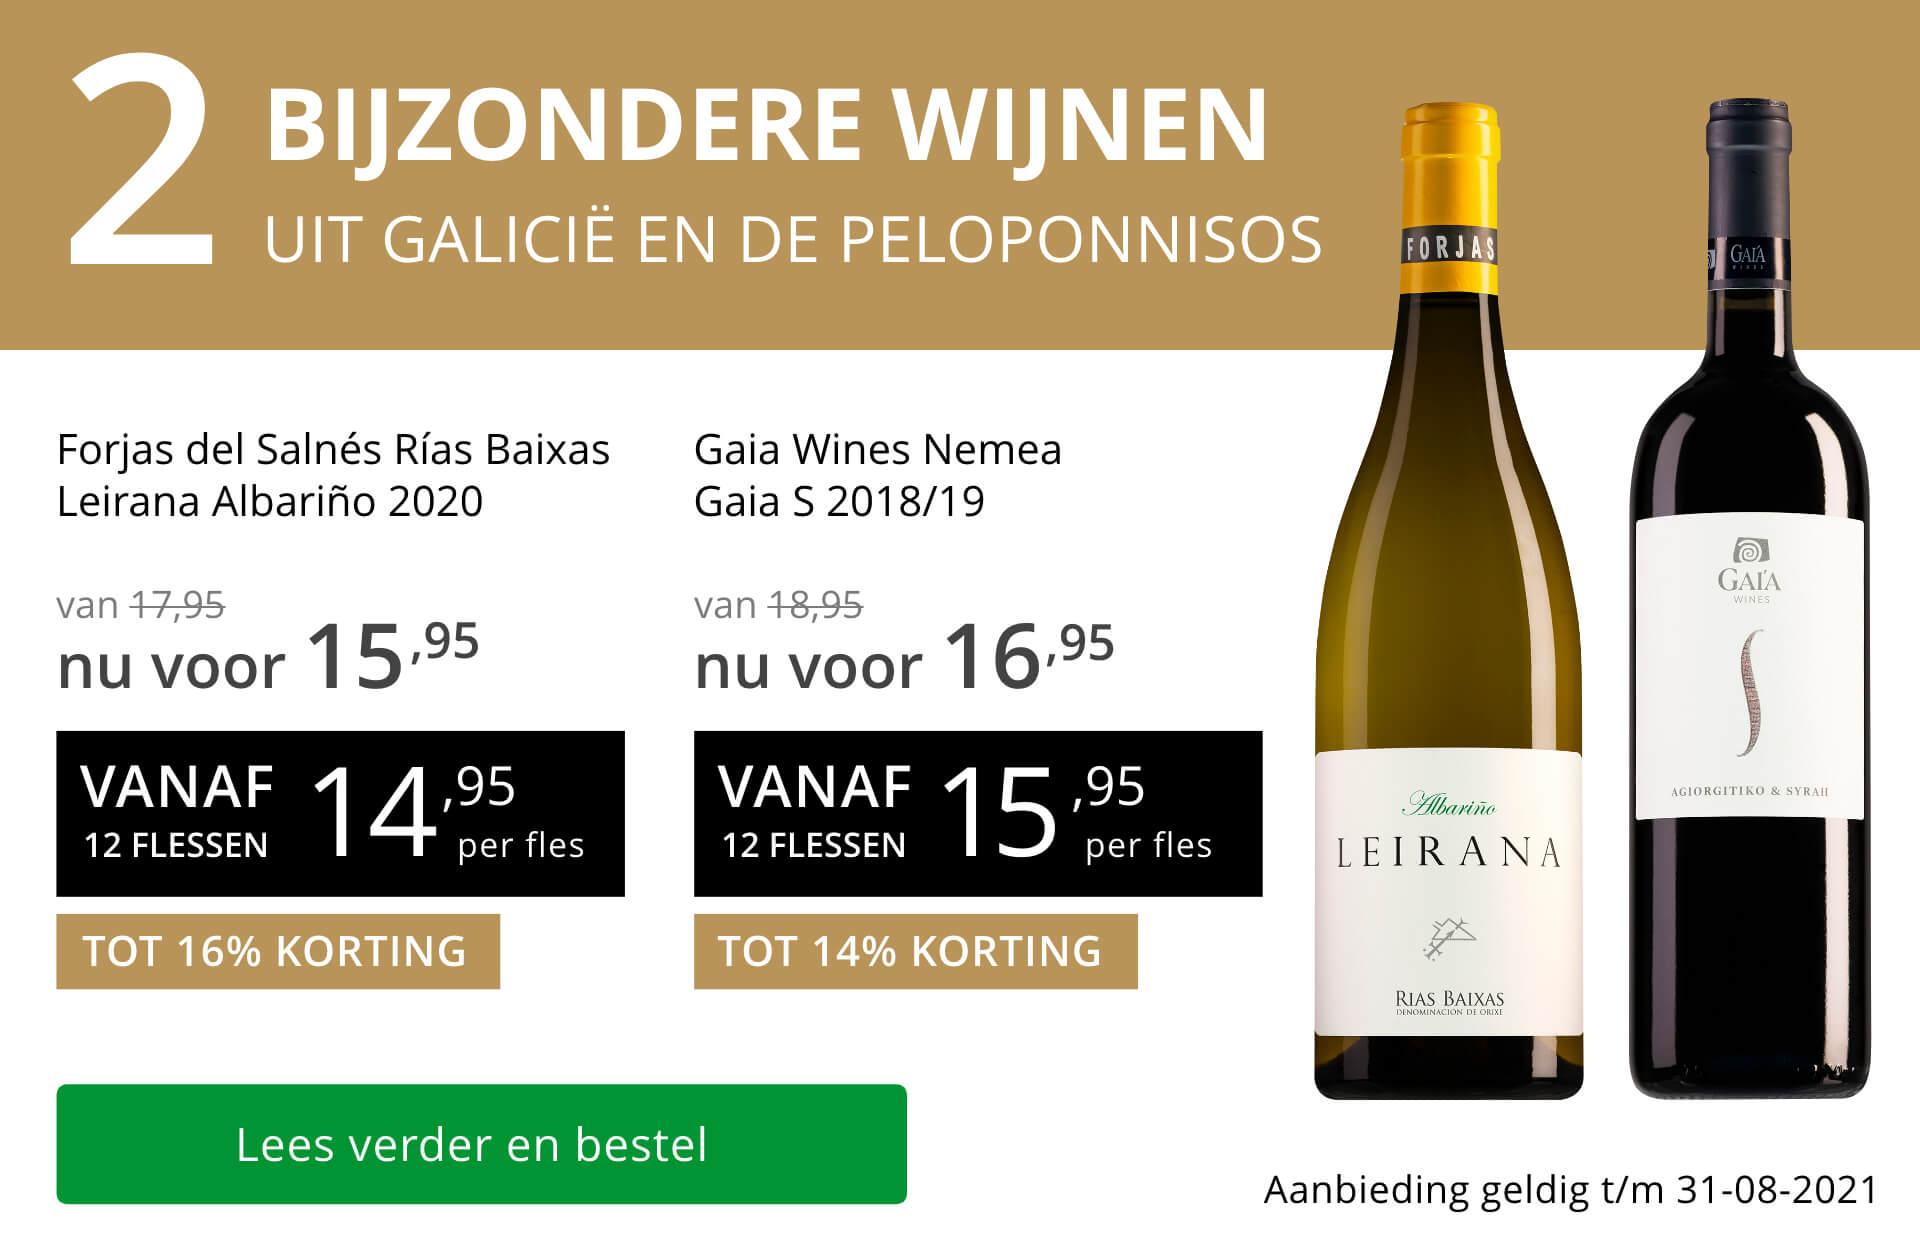 Twee bijzondere wijnen augustus 2021 - goud/zwart